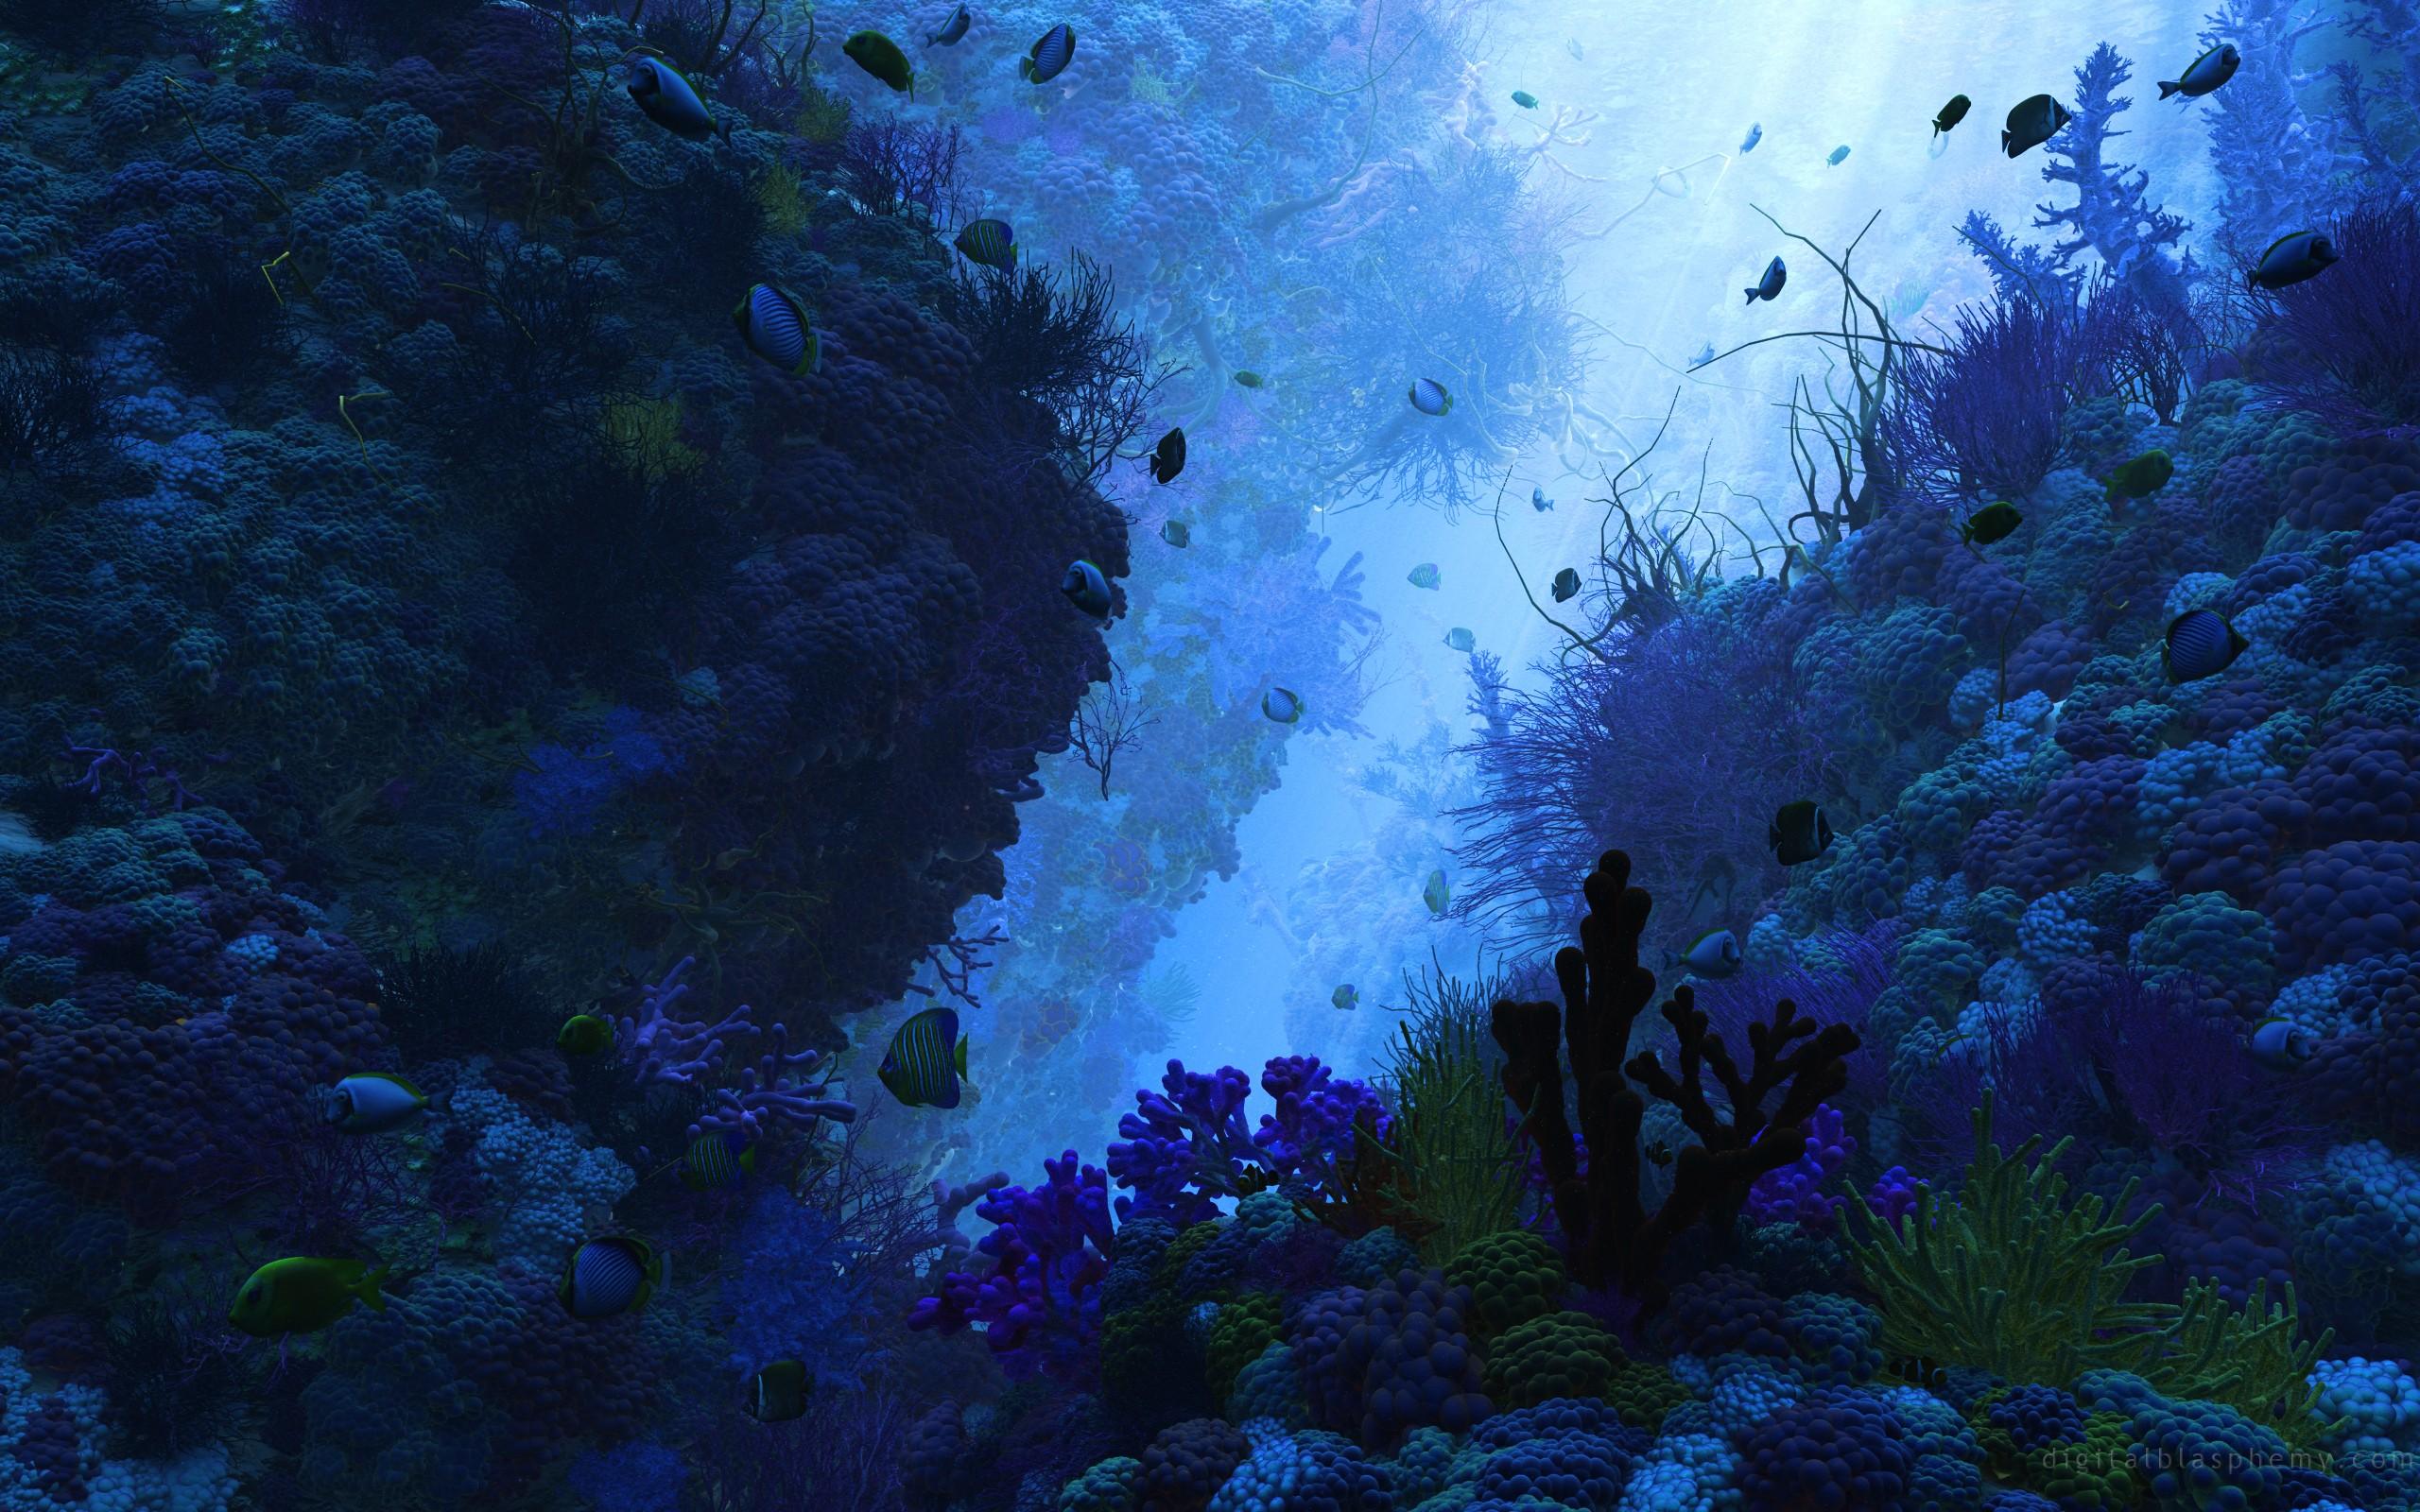 картинки под водой высокого качества что